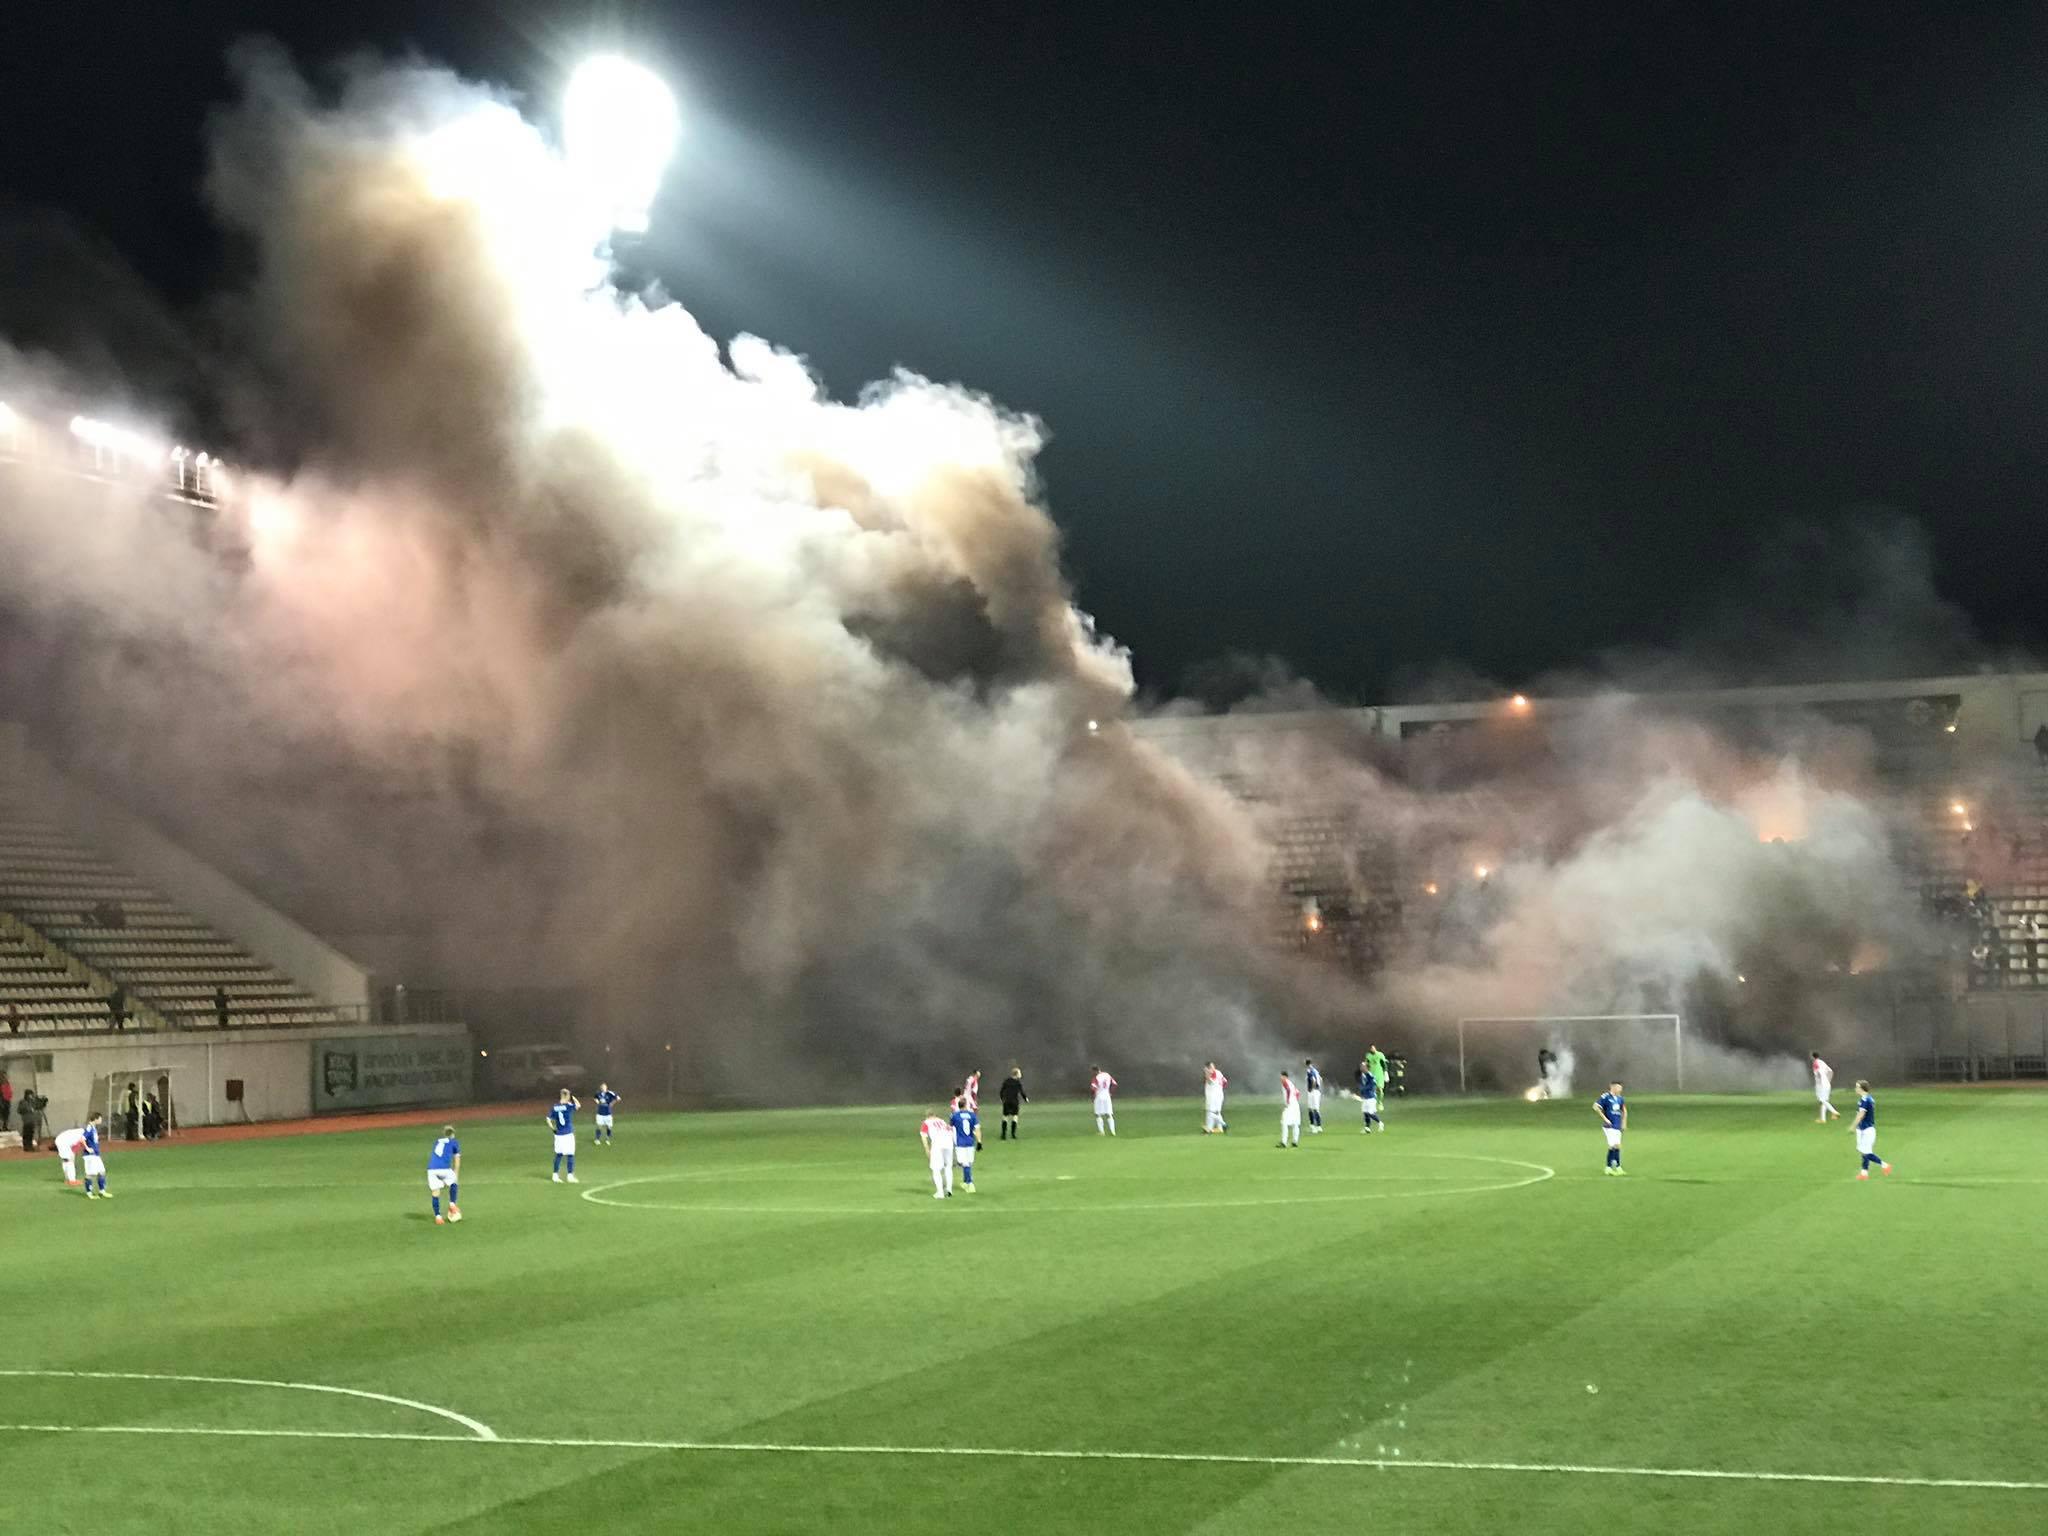 На запорожском стадионе фанаты устроили файер-шоу: судья приостановил игру (Фото, видео)